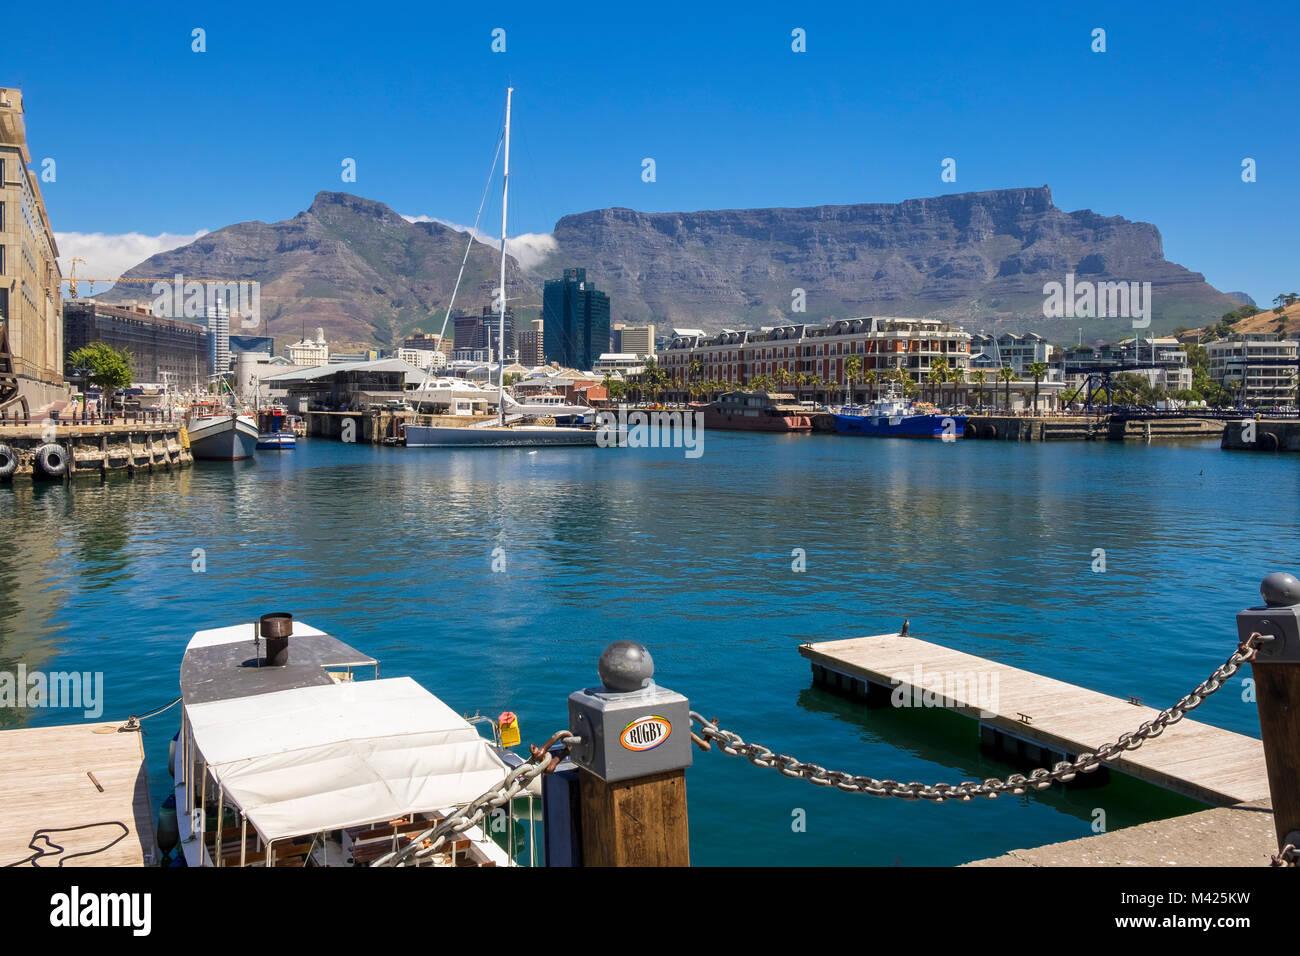 V&A Waterfront, Cape Town, Südafrika, mit Yachten in der Marina, dem Cape Grace Hotel mit Tisch Berg hinter Stockbild